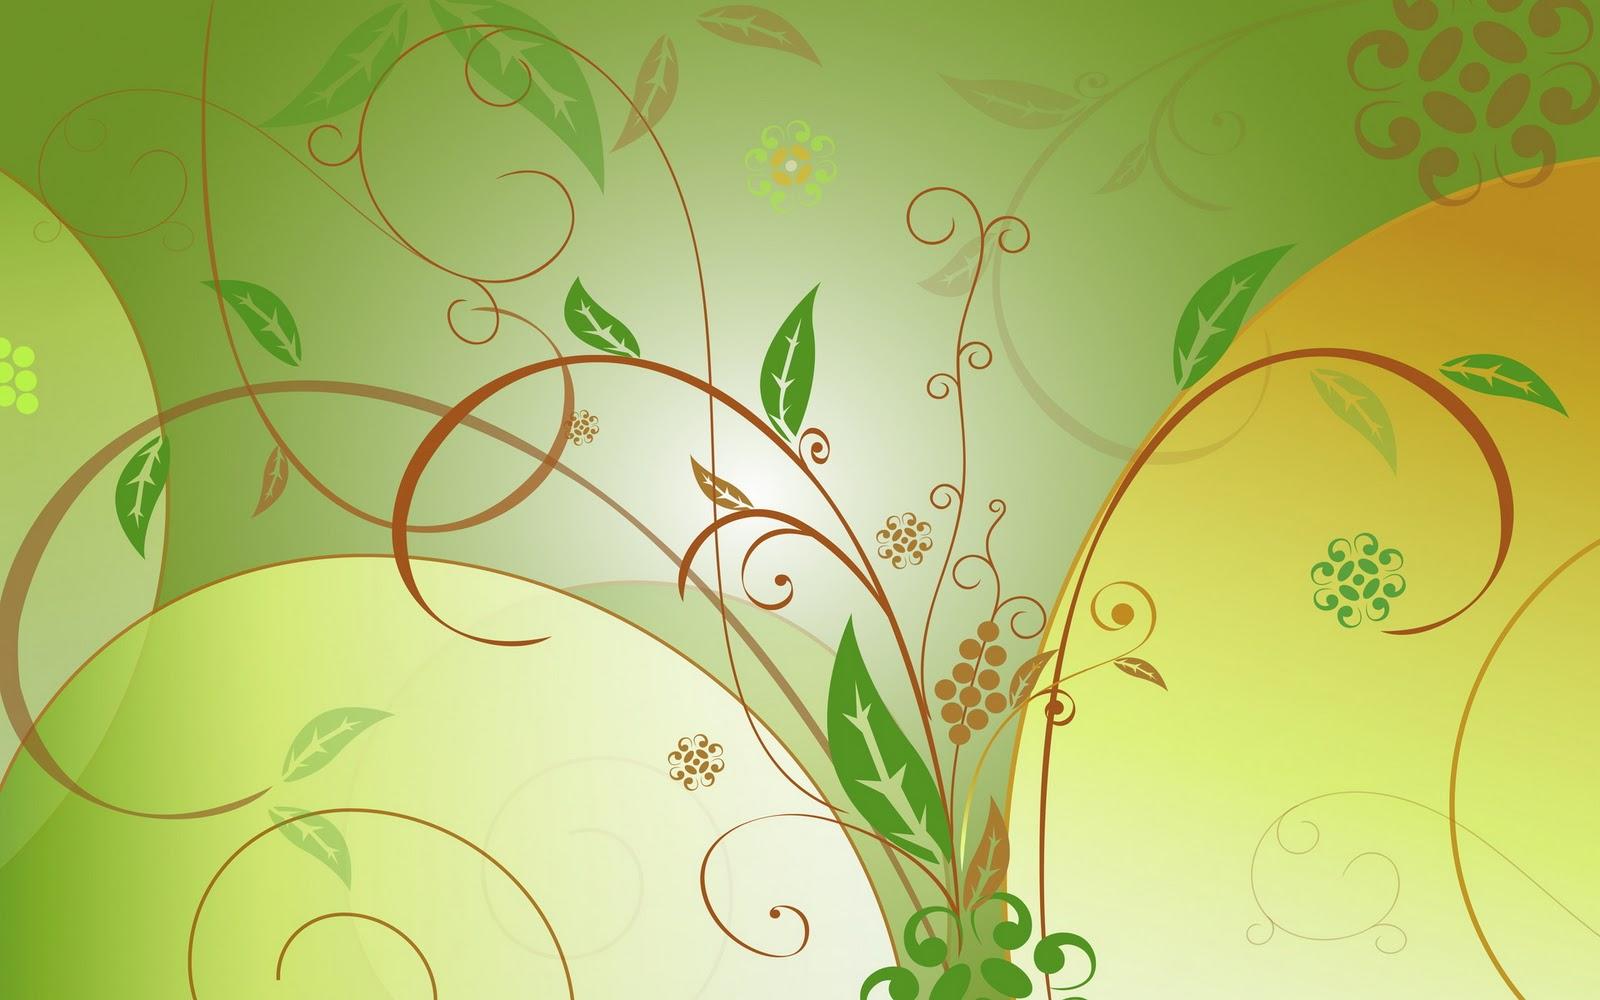 http://1.bp.blogspot.com/-INxet6OyoK4/Tufr8kYB9qI/AAAAAAAAAtA/x_tey9SOY7E/s1600/background_floral_JuiceDrop.jpg